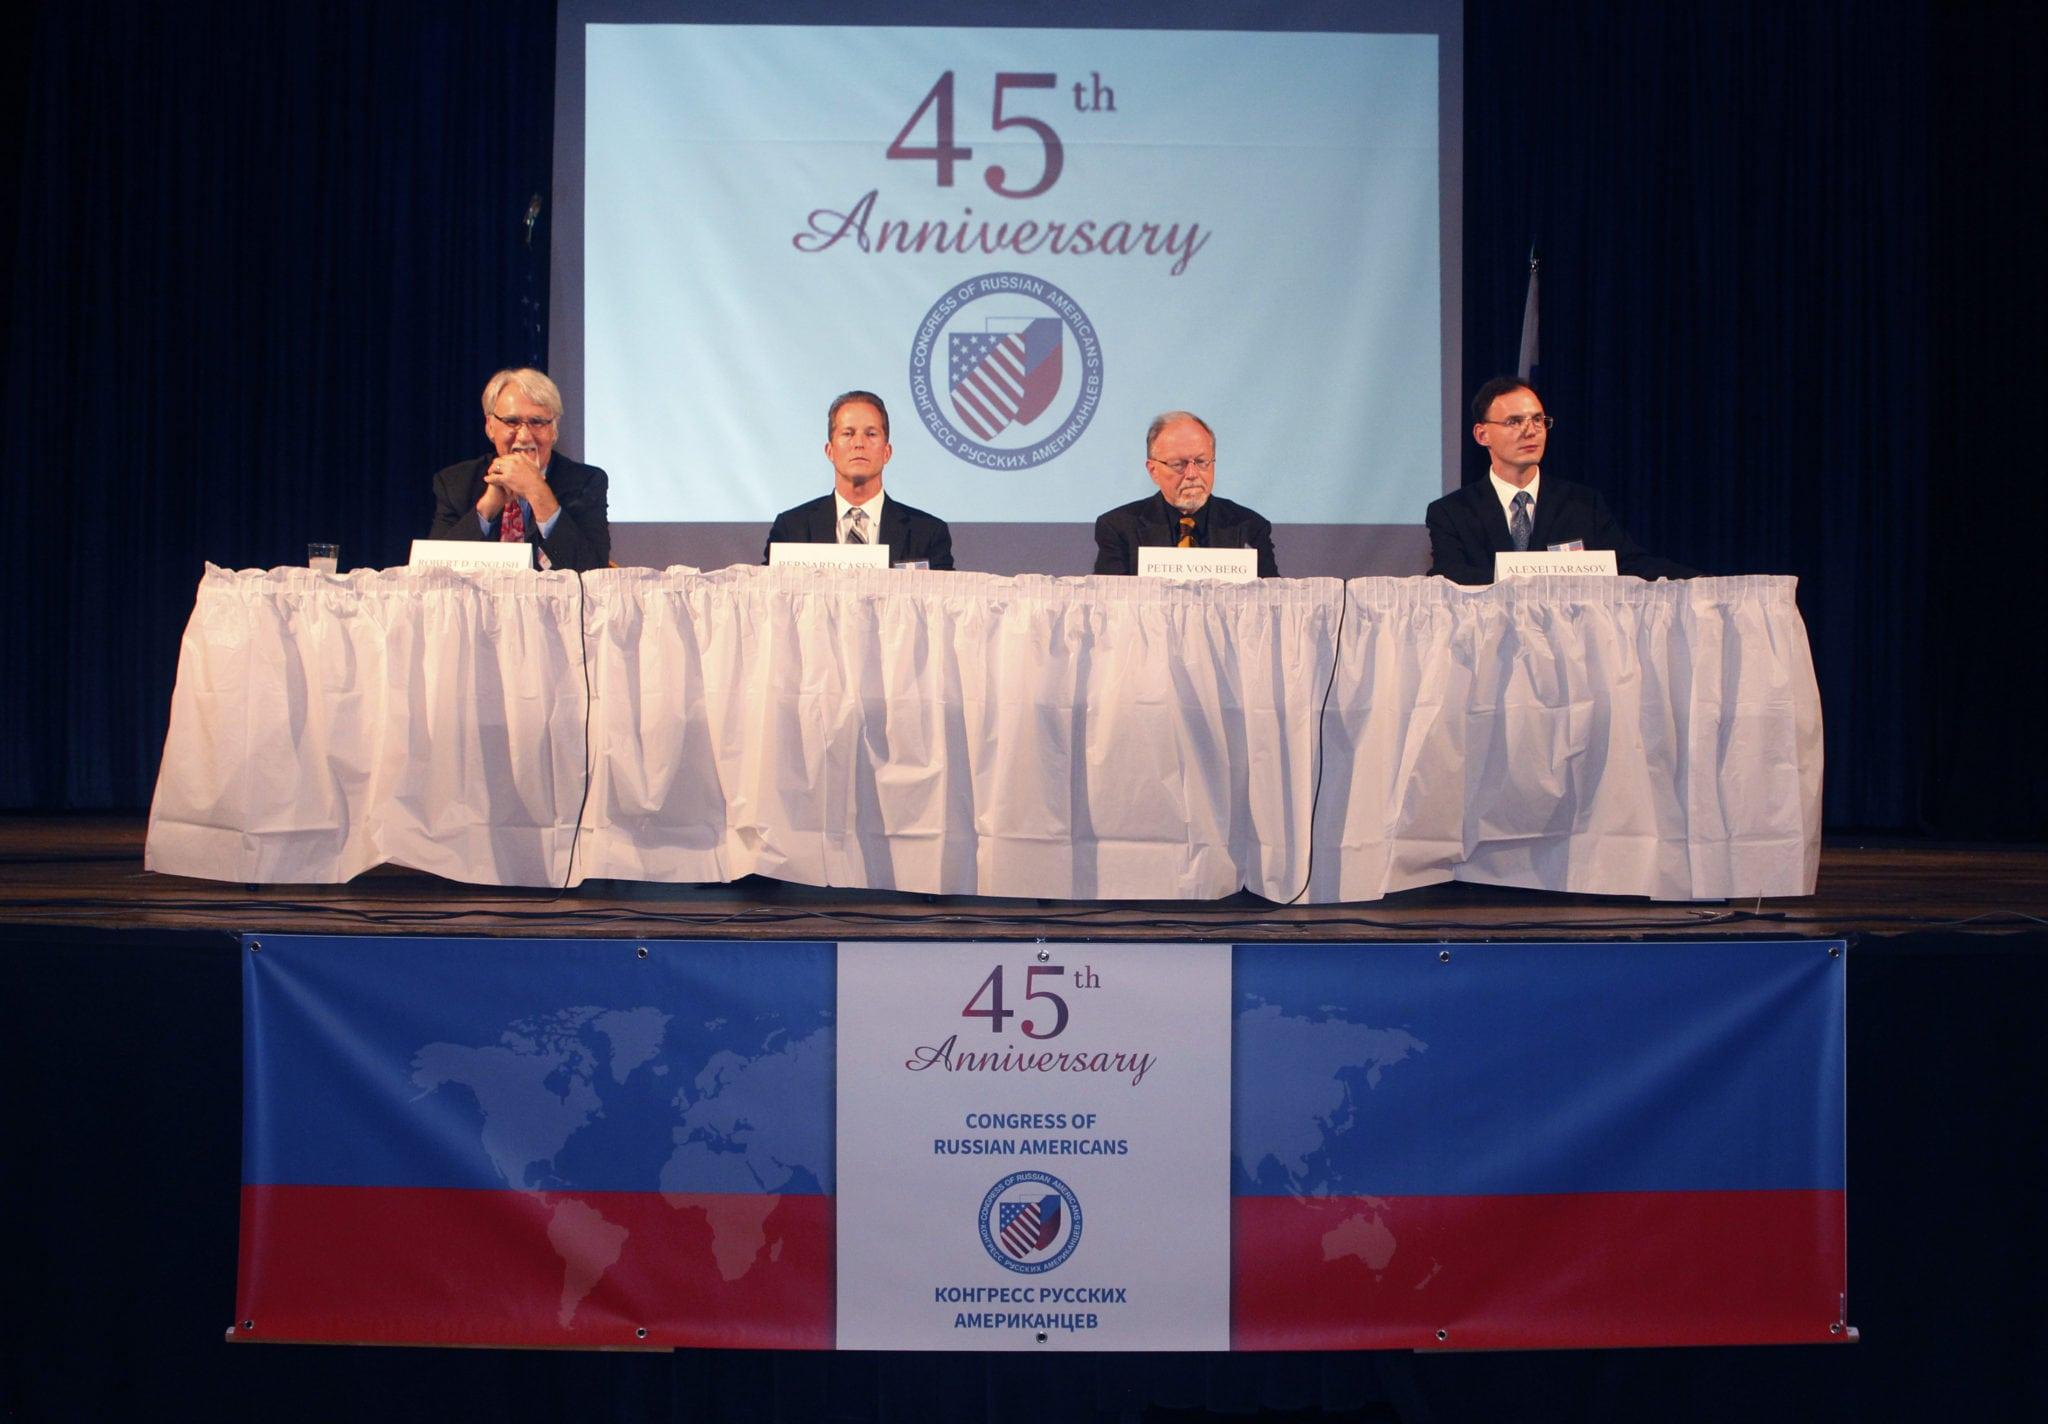 VGN9069 - Форумы русских в америке